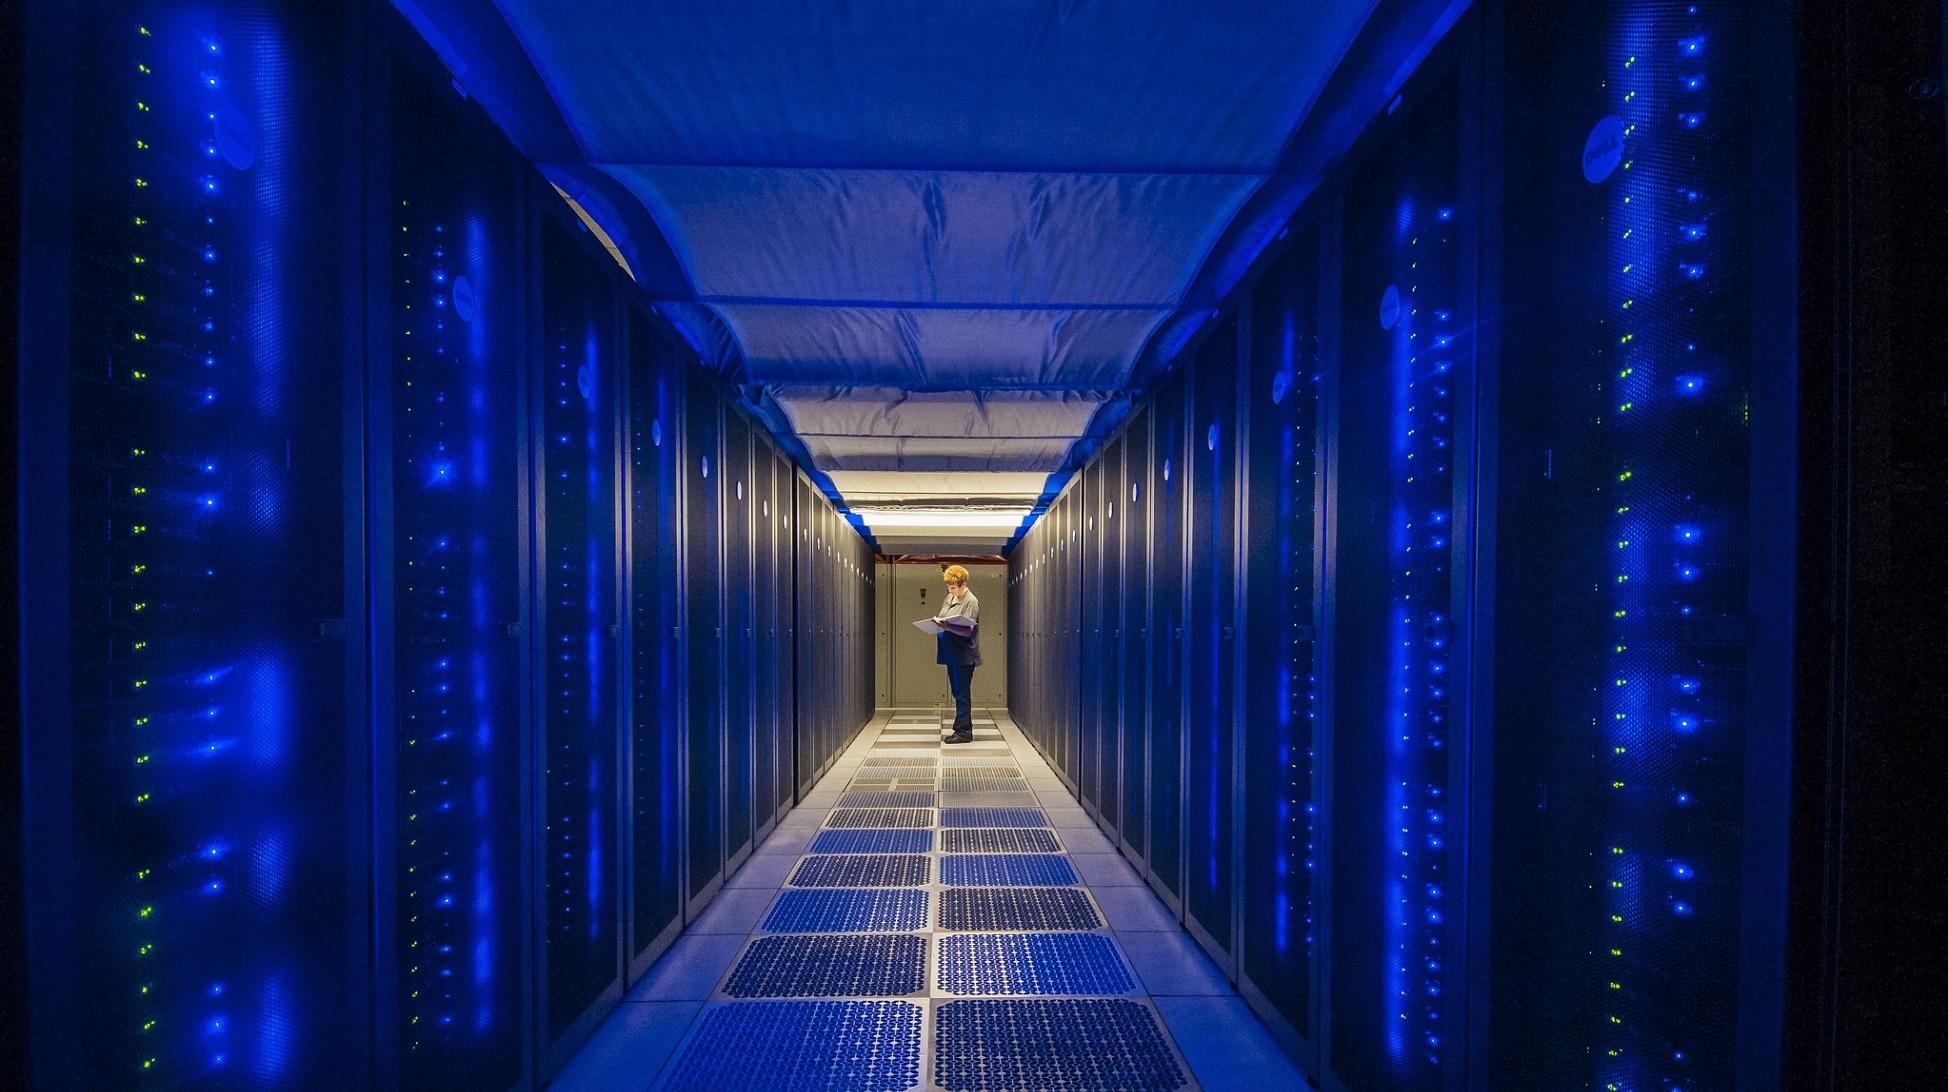 پرسرعت ترین ابرکامپیوتر دنیا در سال 2021 به آمریکا میآید!